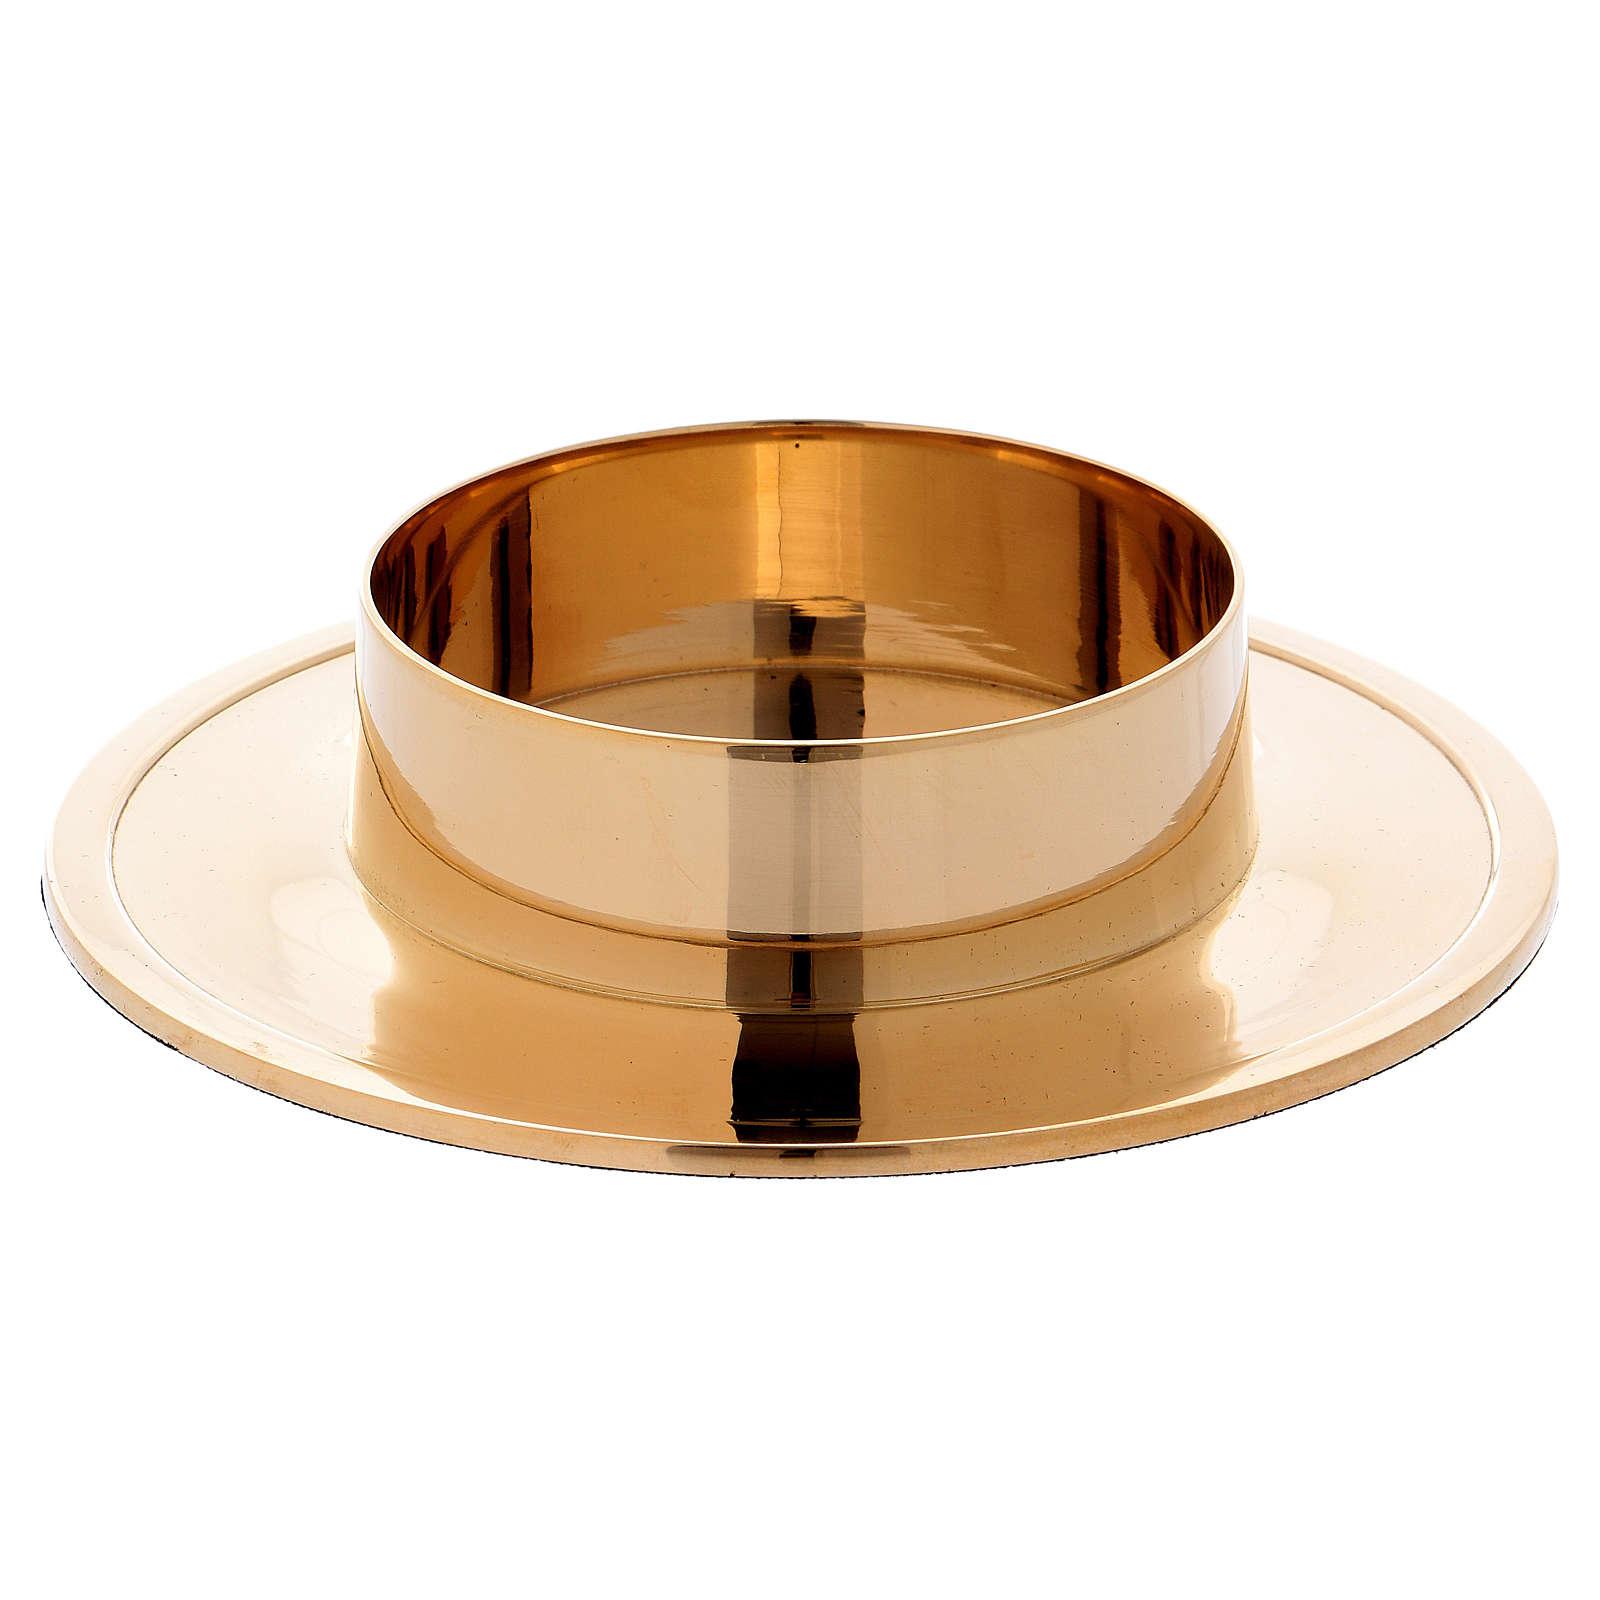 Portacirio simple latón dorado diám 8 cm 4